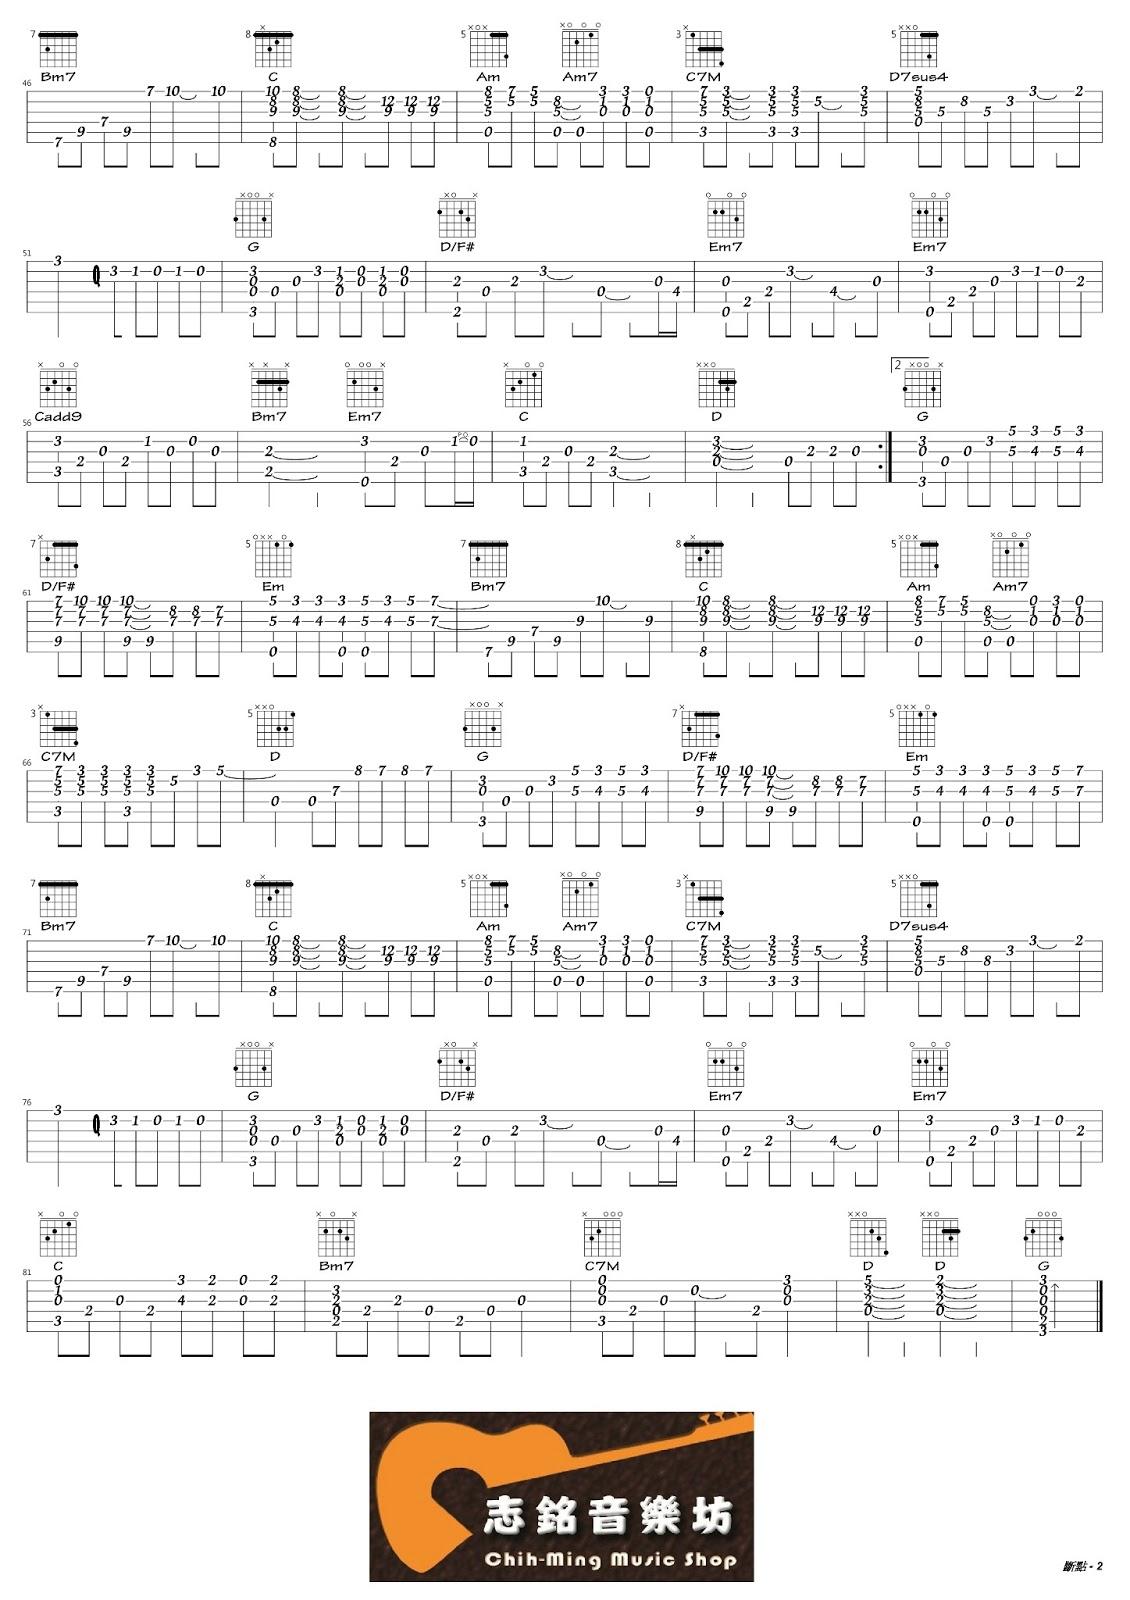 [演奏譜] 斷點 - 張敬軒(吉他譜) ~ 志銘音樂坊